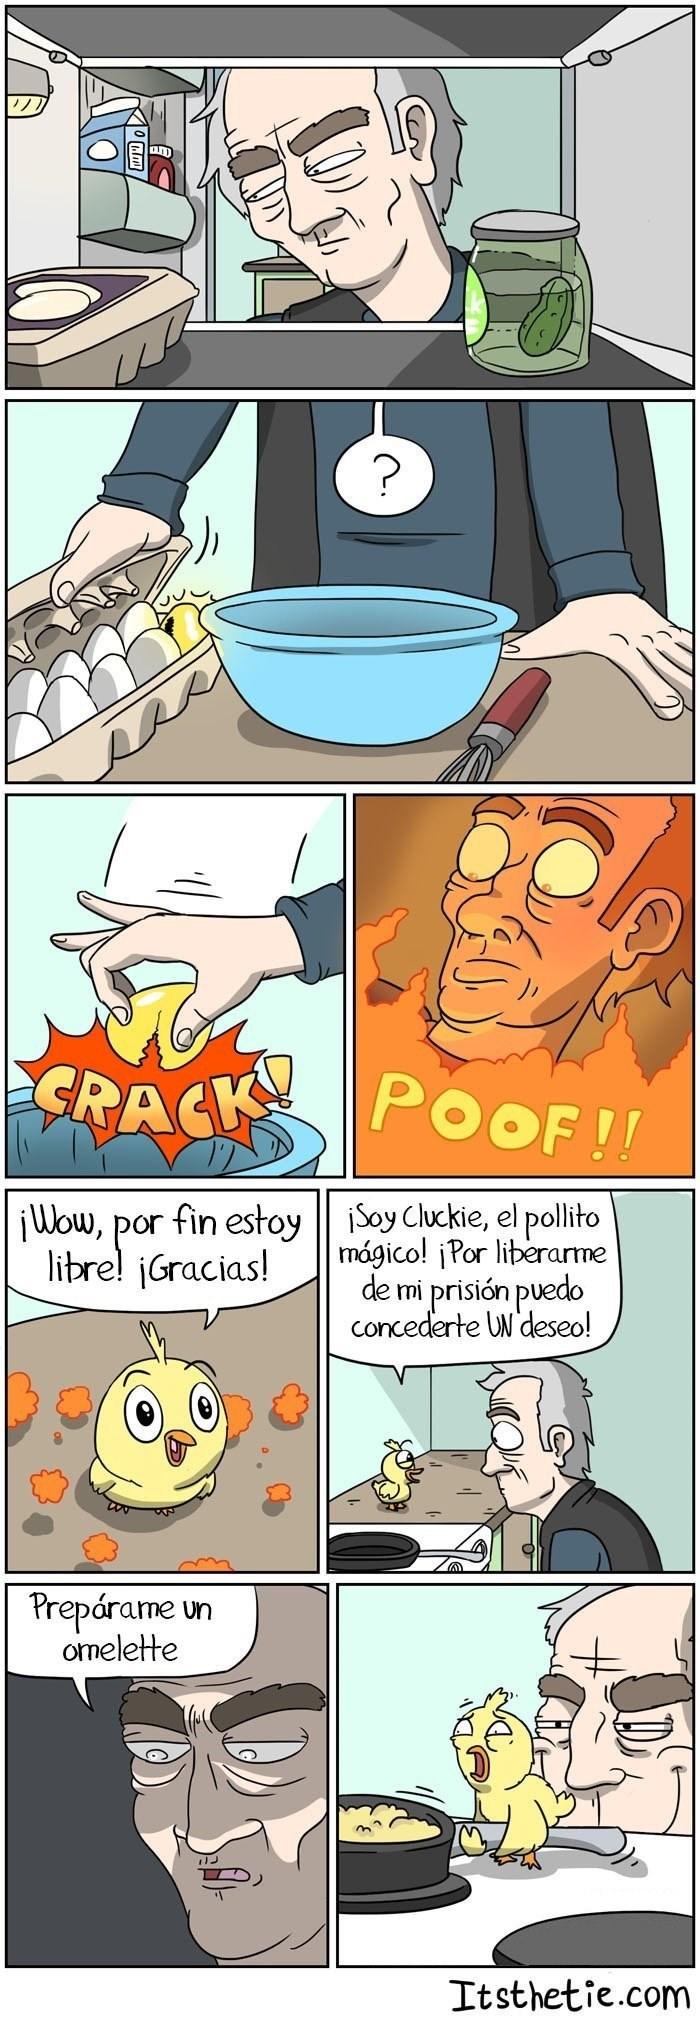 pollito es obligado a hacer un omelette